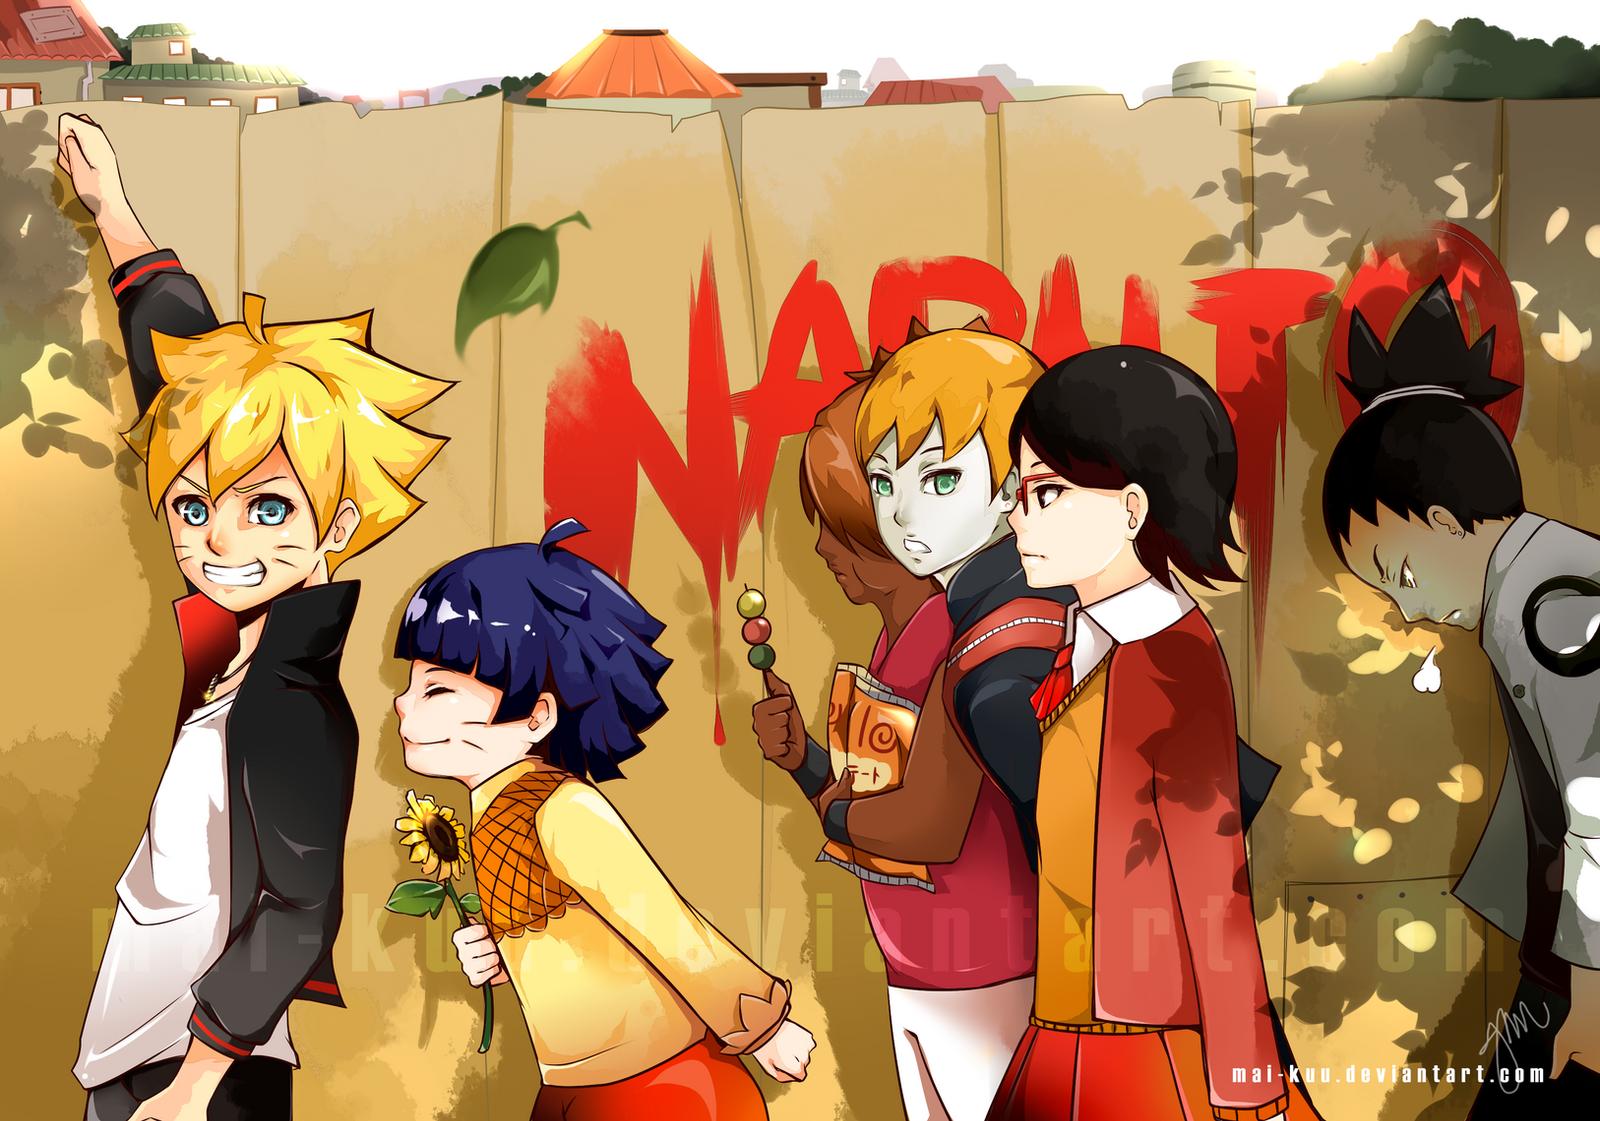 ... Naruto Next Generation by mai-kuu